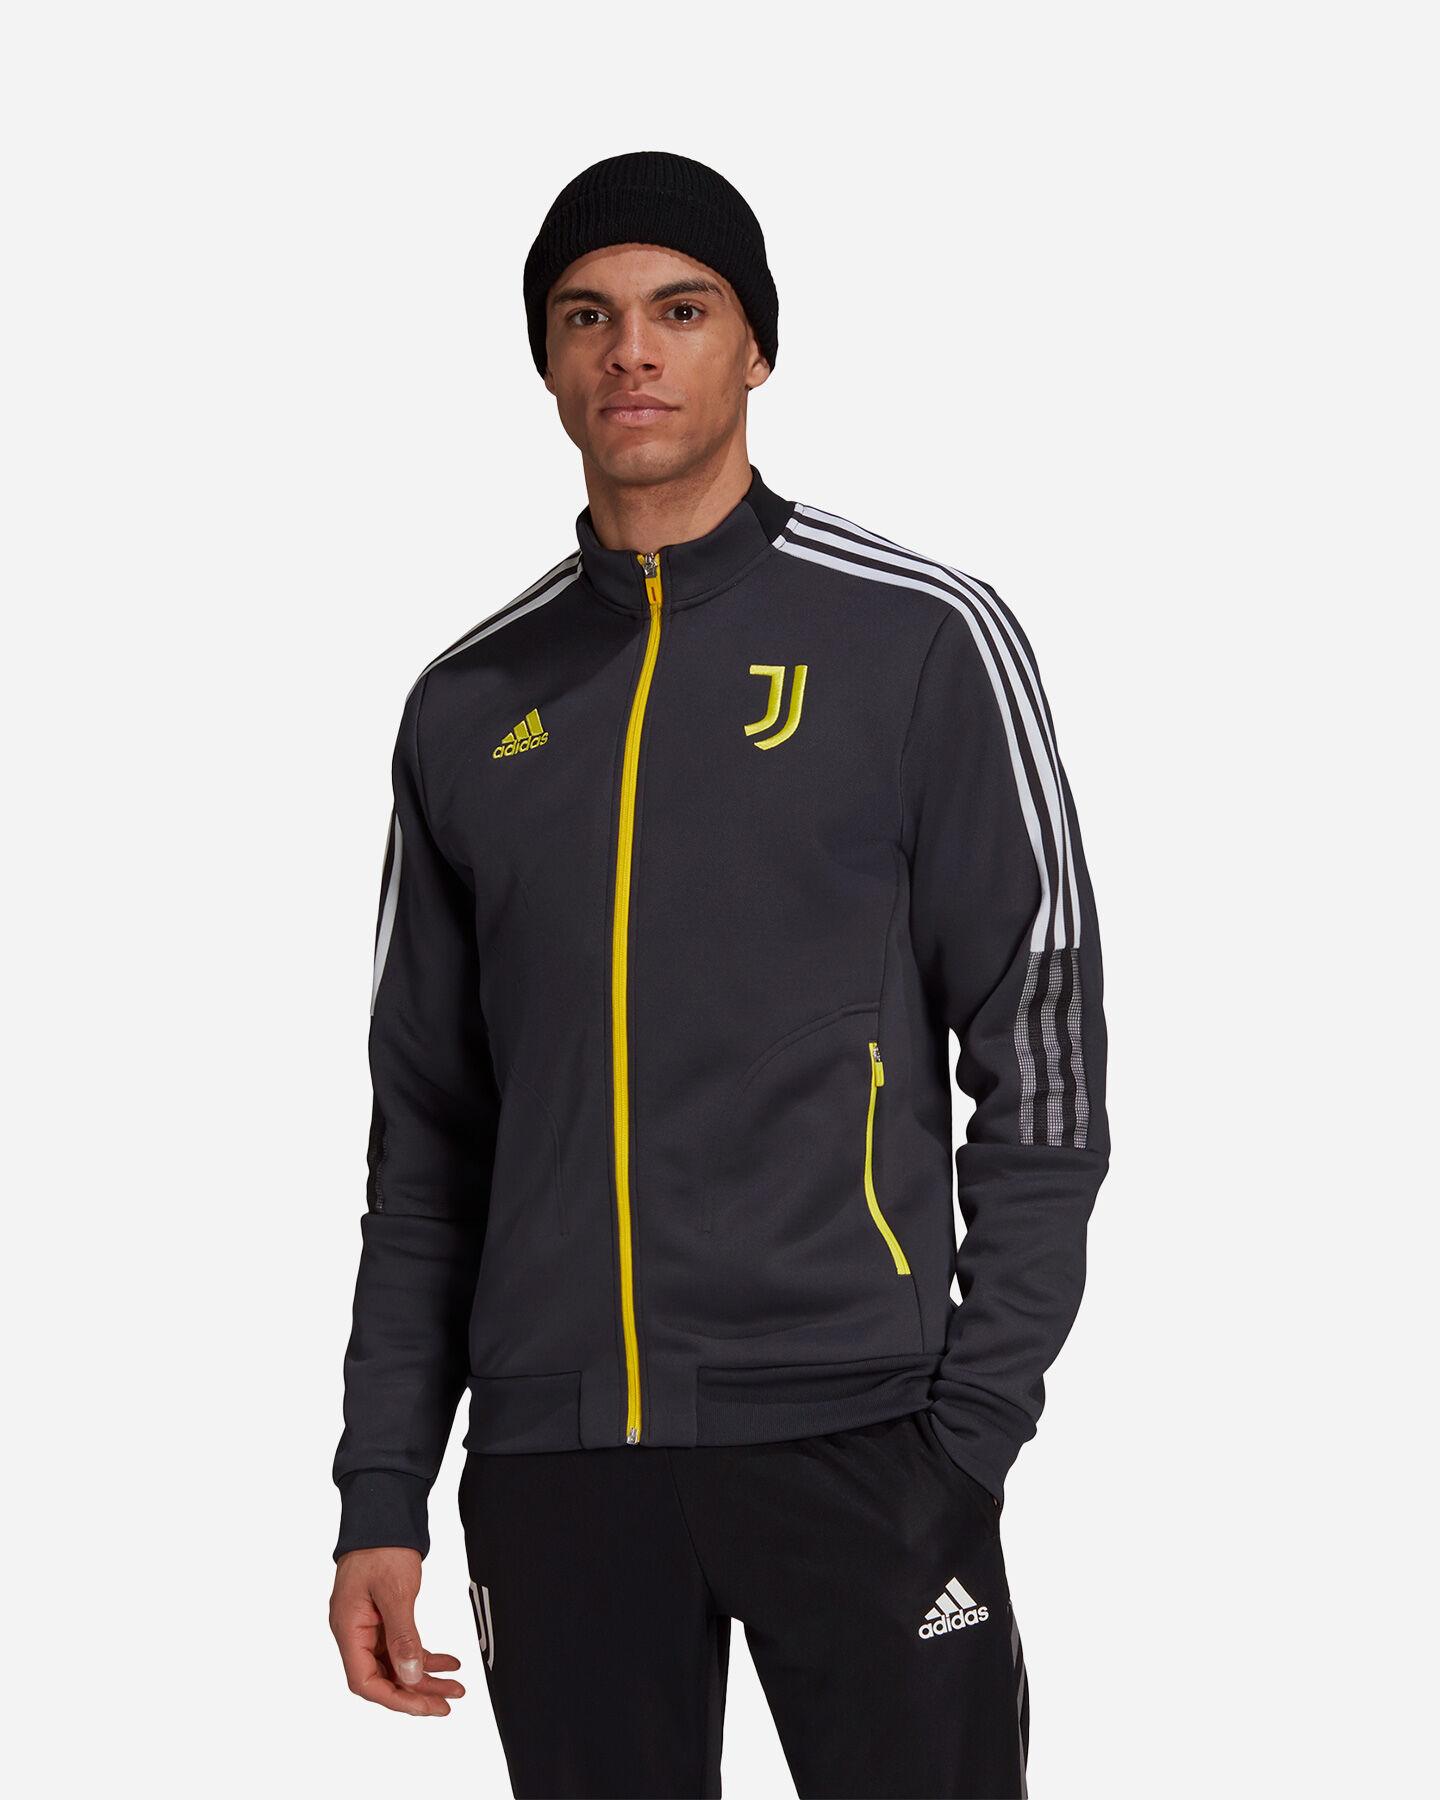 Divise ufficiali Juventus: completi, tute, maglie | Cisalfa Sport